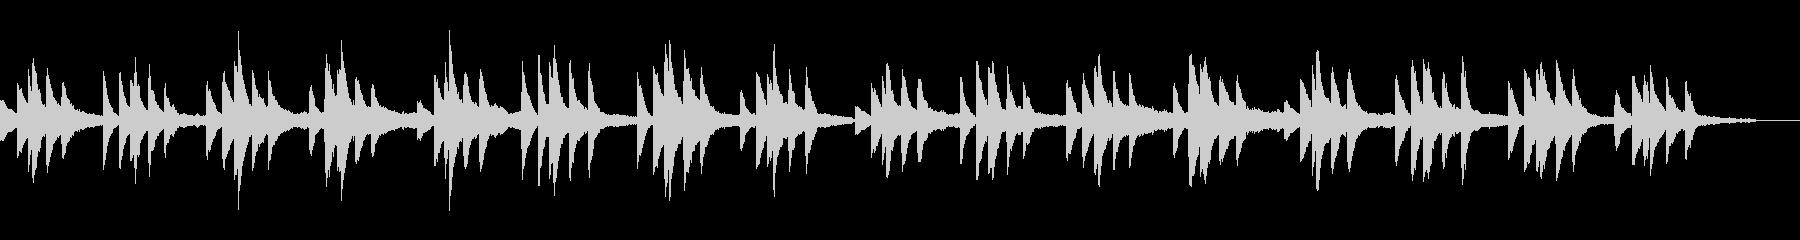 ショパンの名曲プレリュード原曲ピアノソロの未再生の波形